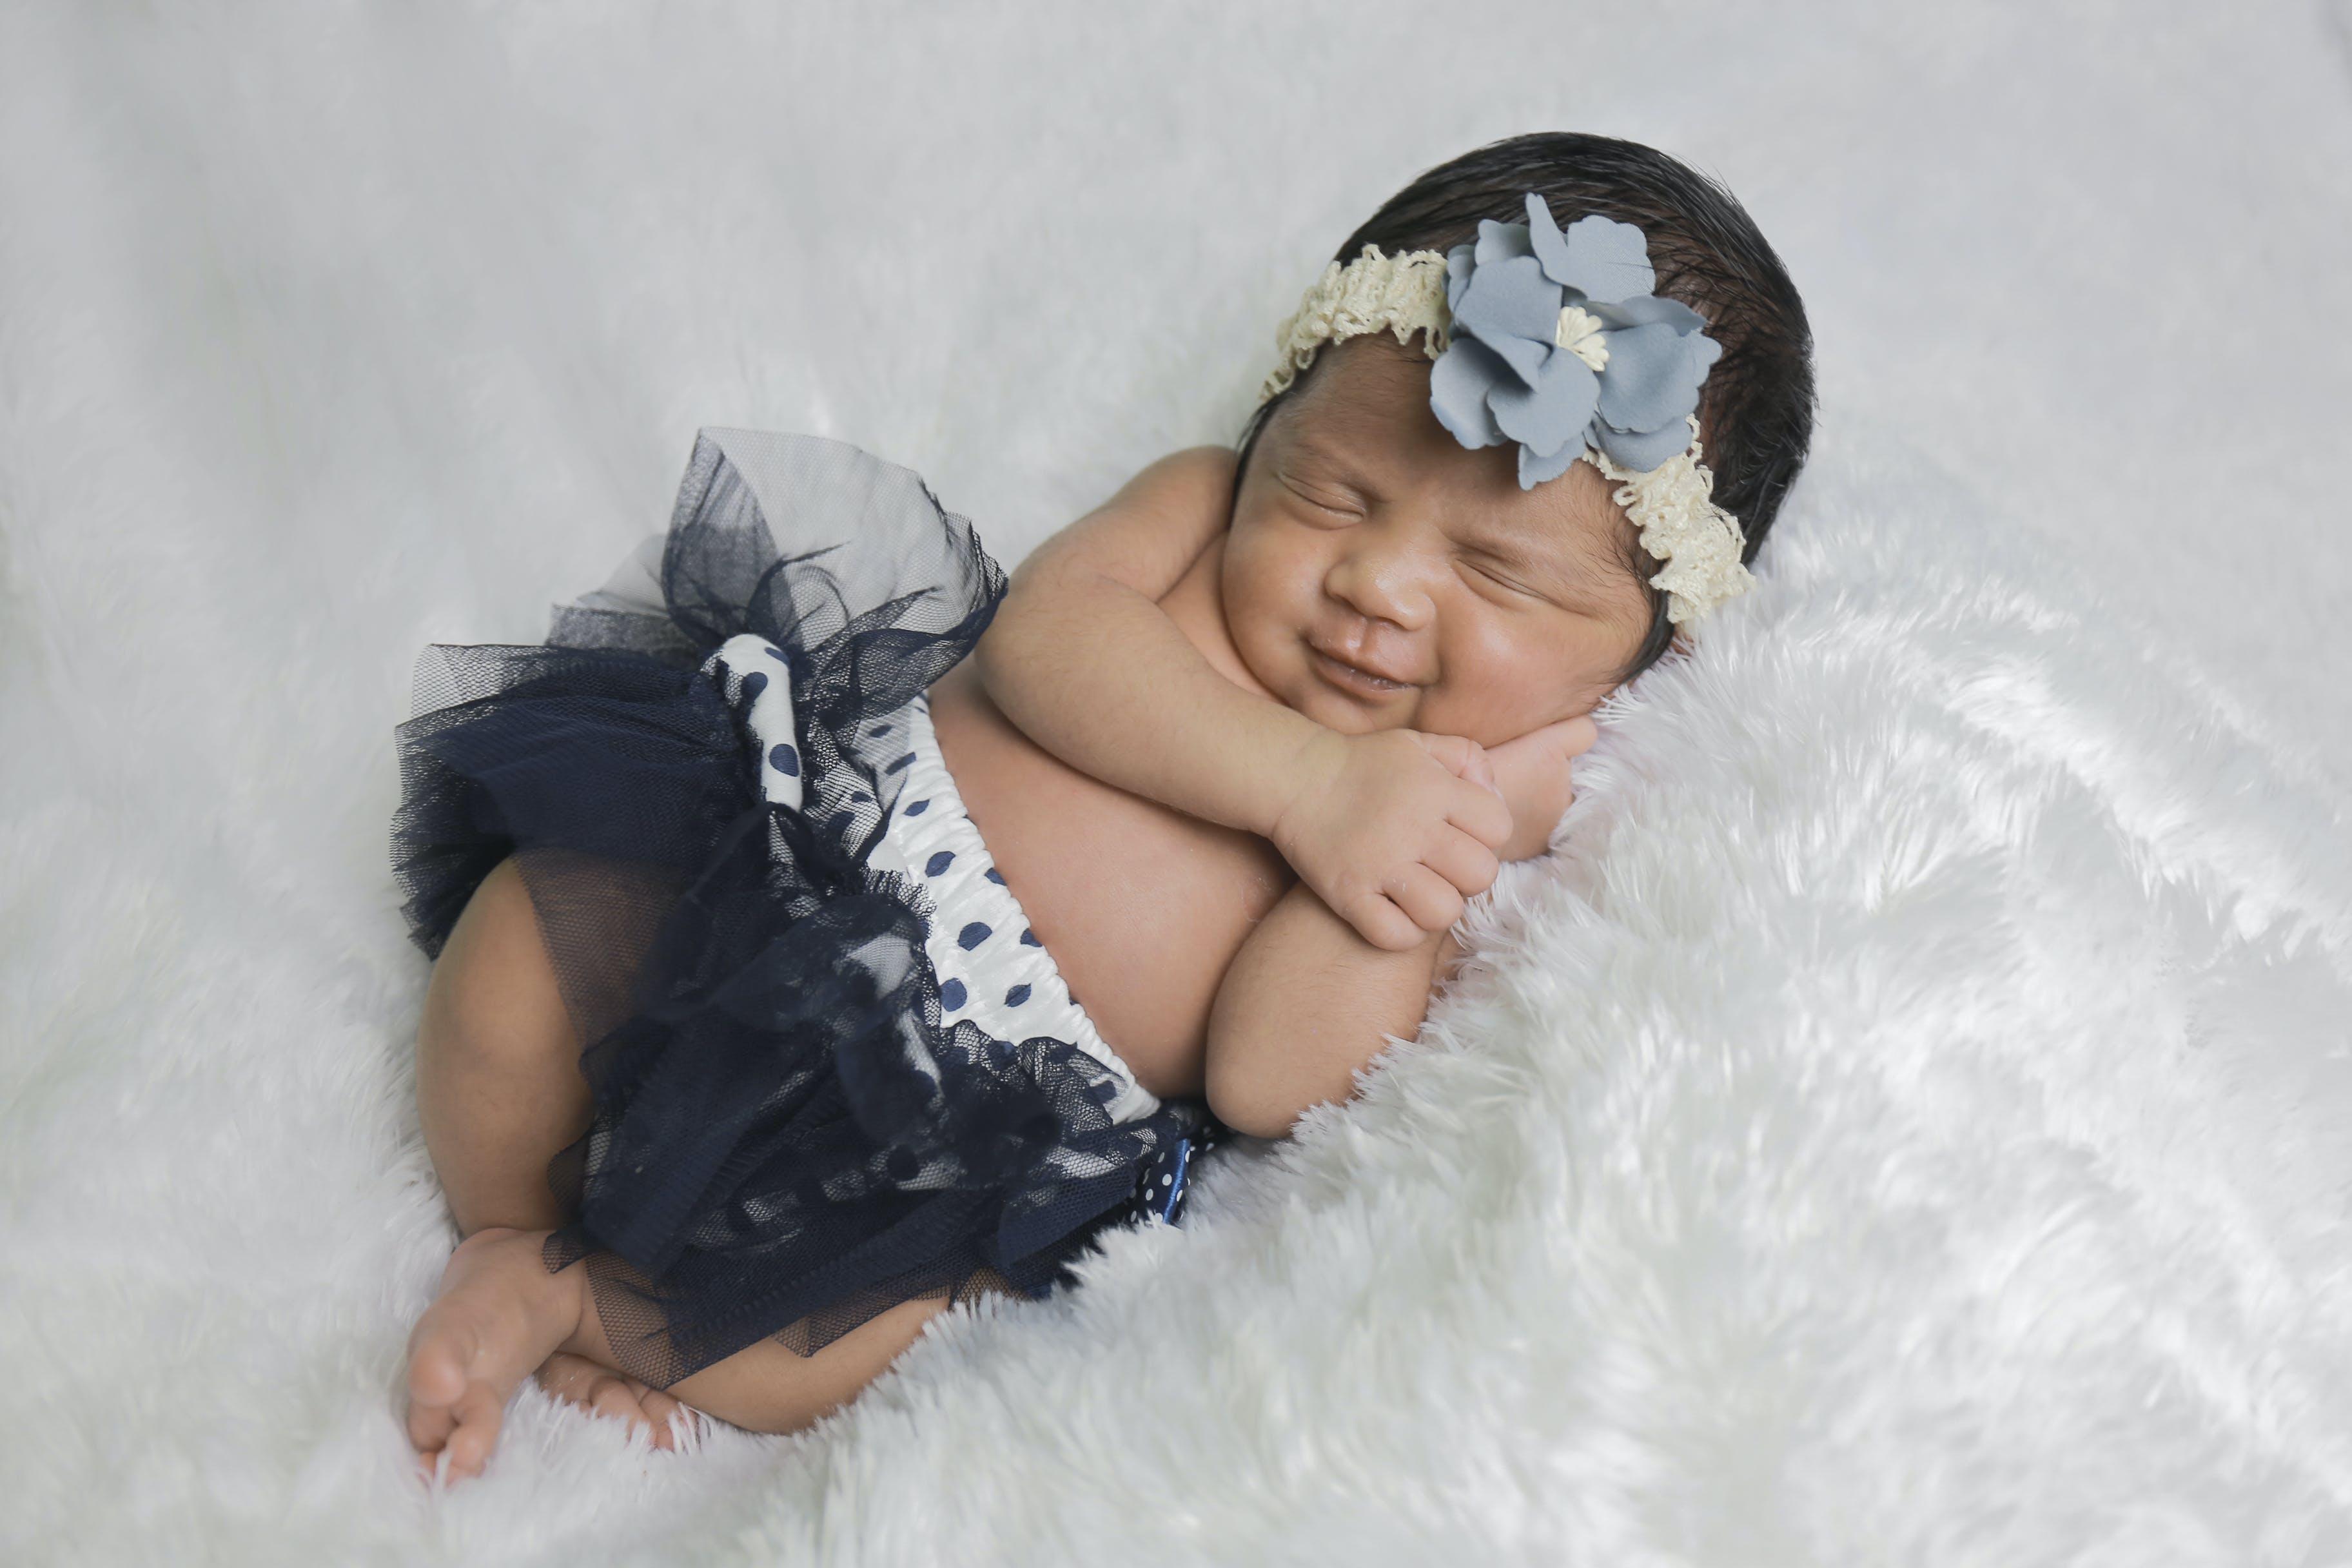 Fotos de stock gratuitas de adorable, bebé, bonito, desgaste